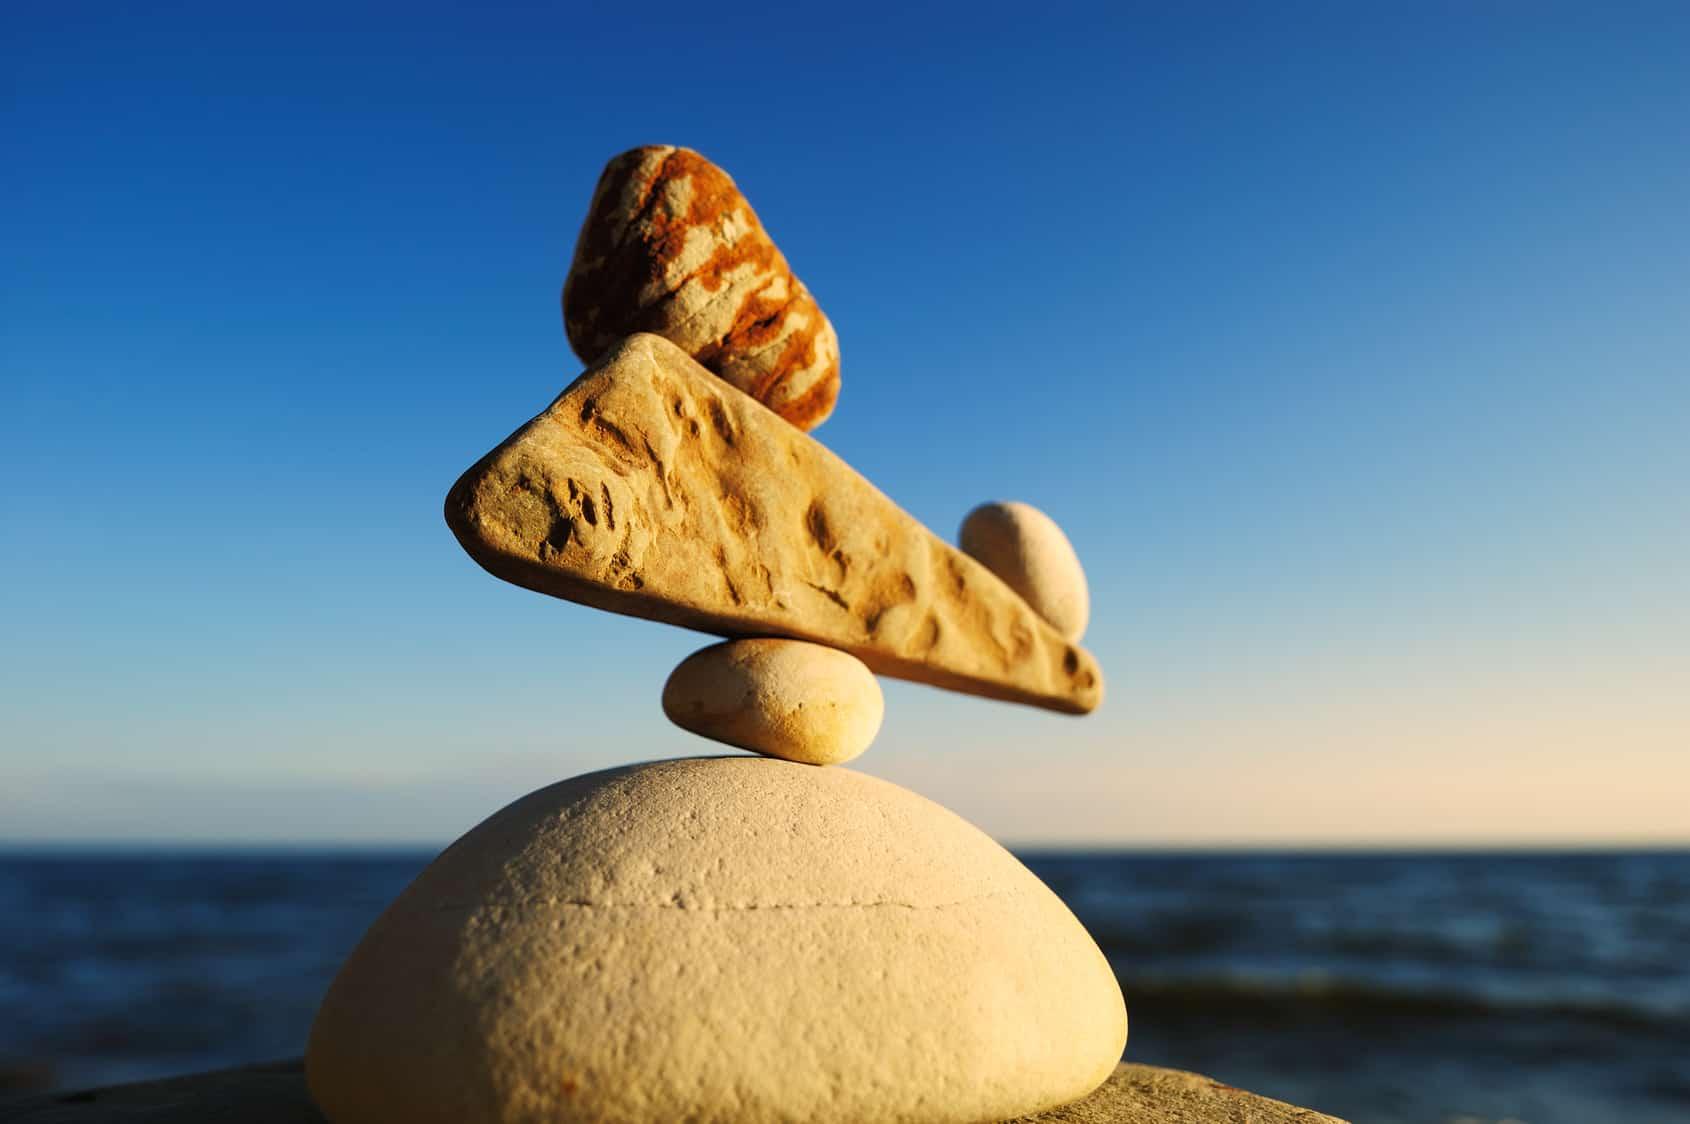 Rebalancing wird durch das Stapeln von Steinen symbolisiert